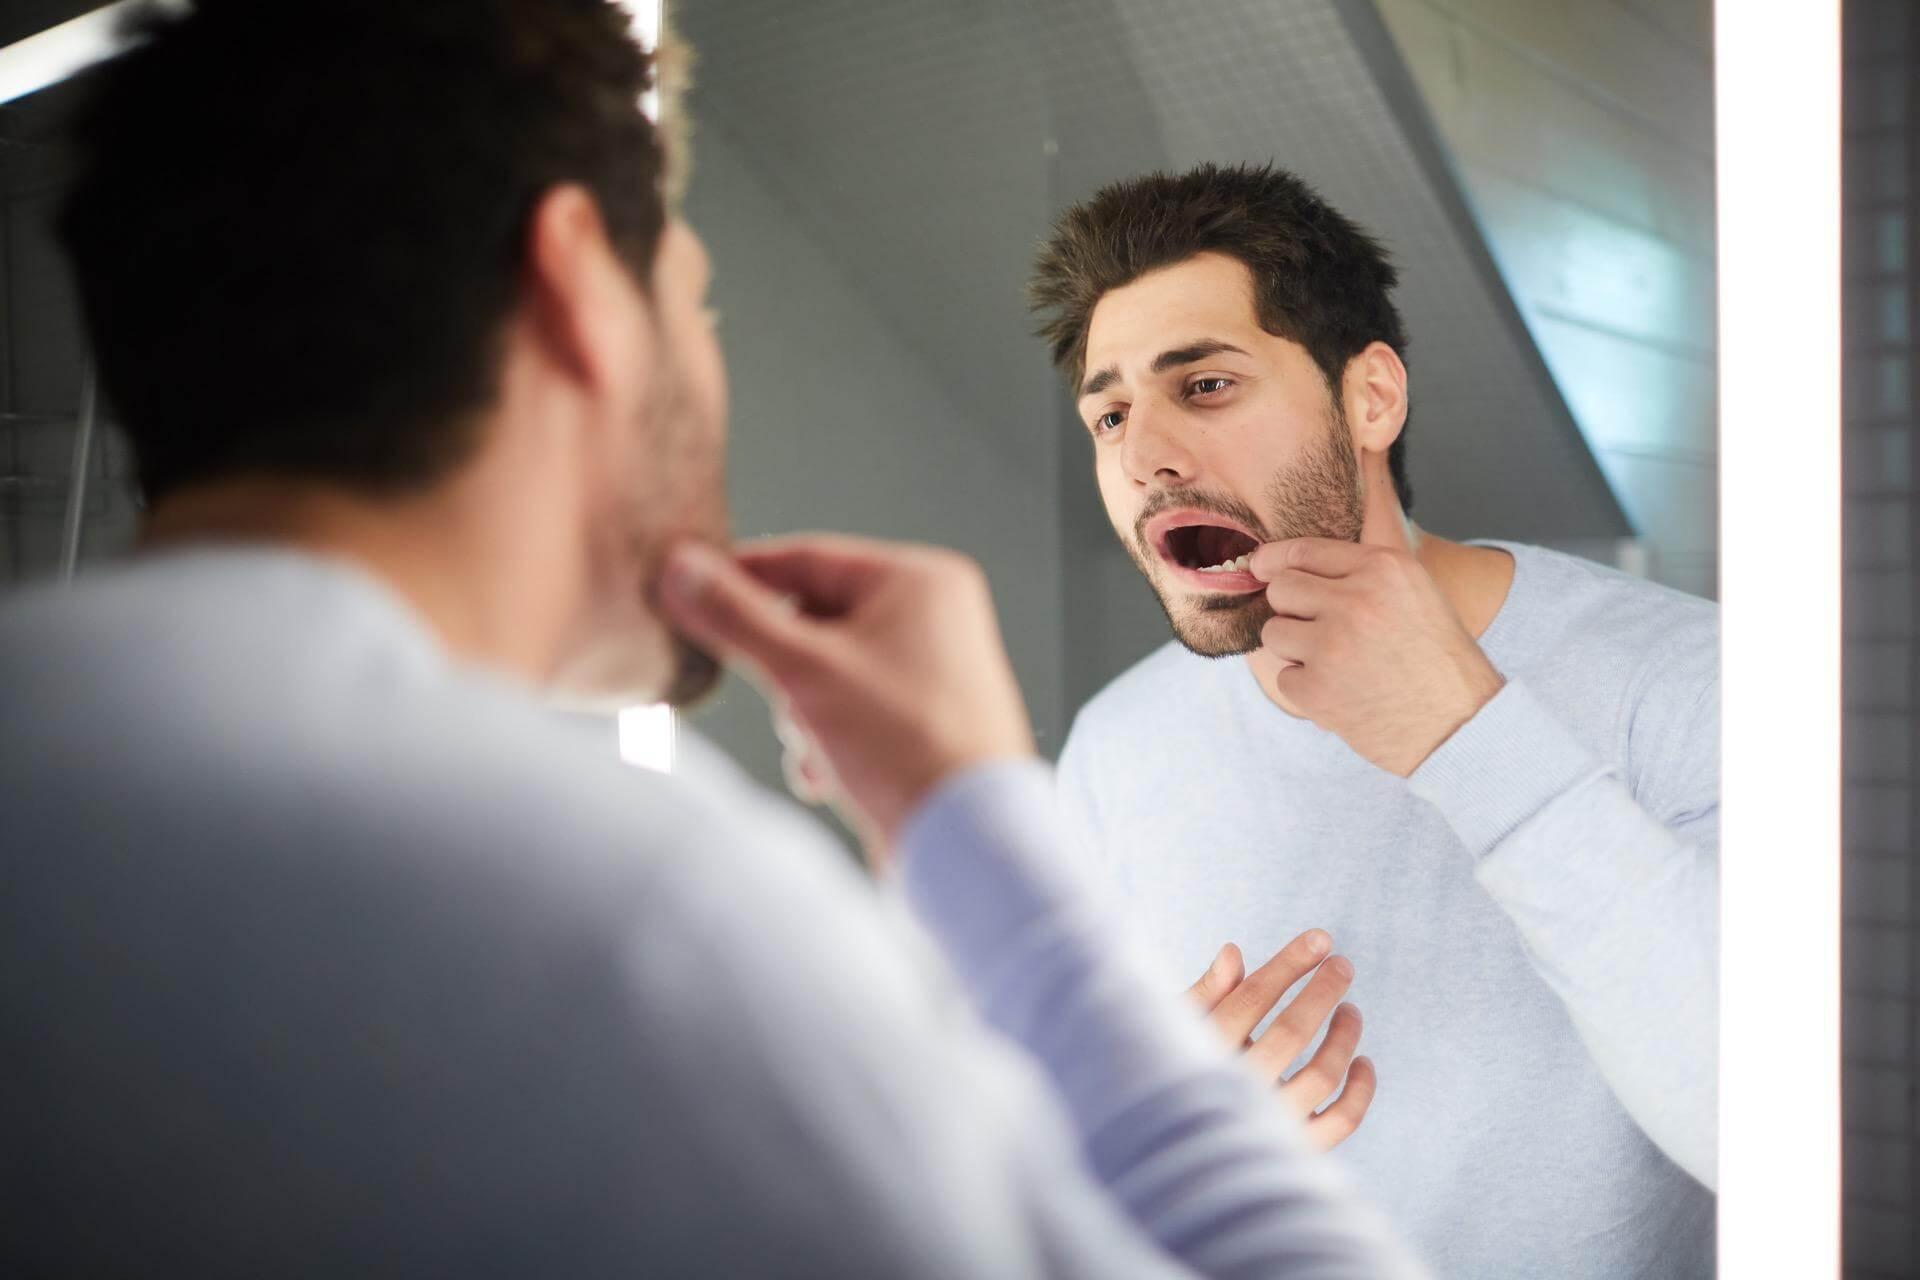 Адски зъбобол - облекчаване на зъбобола